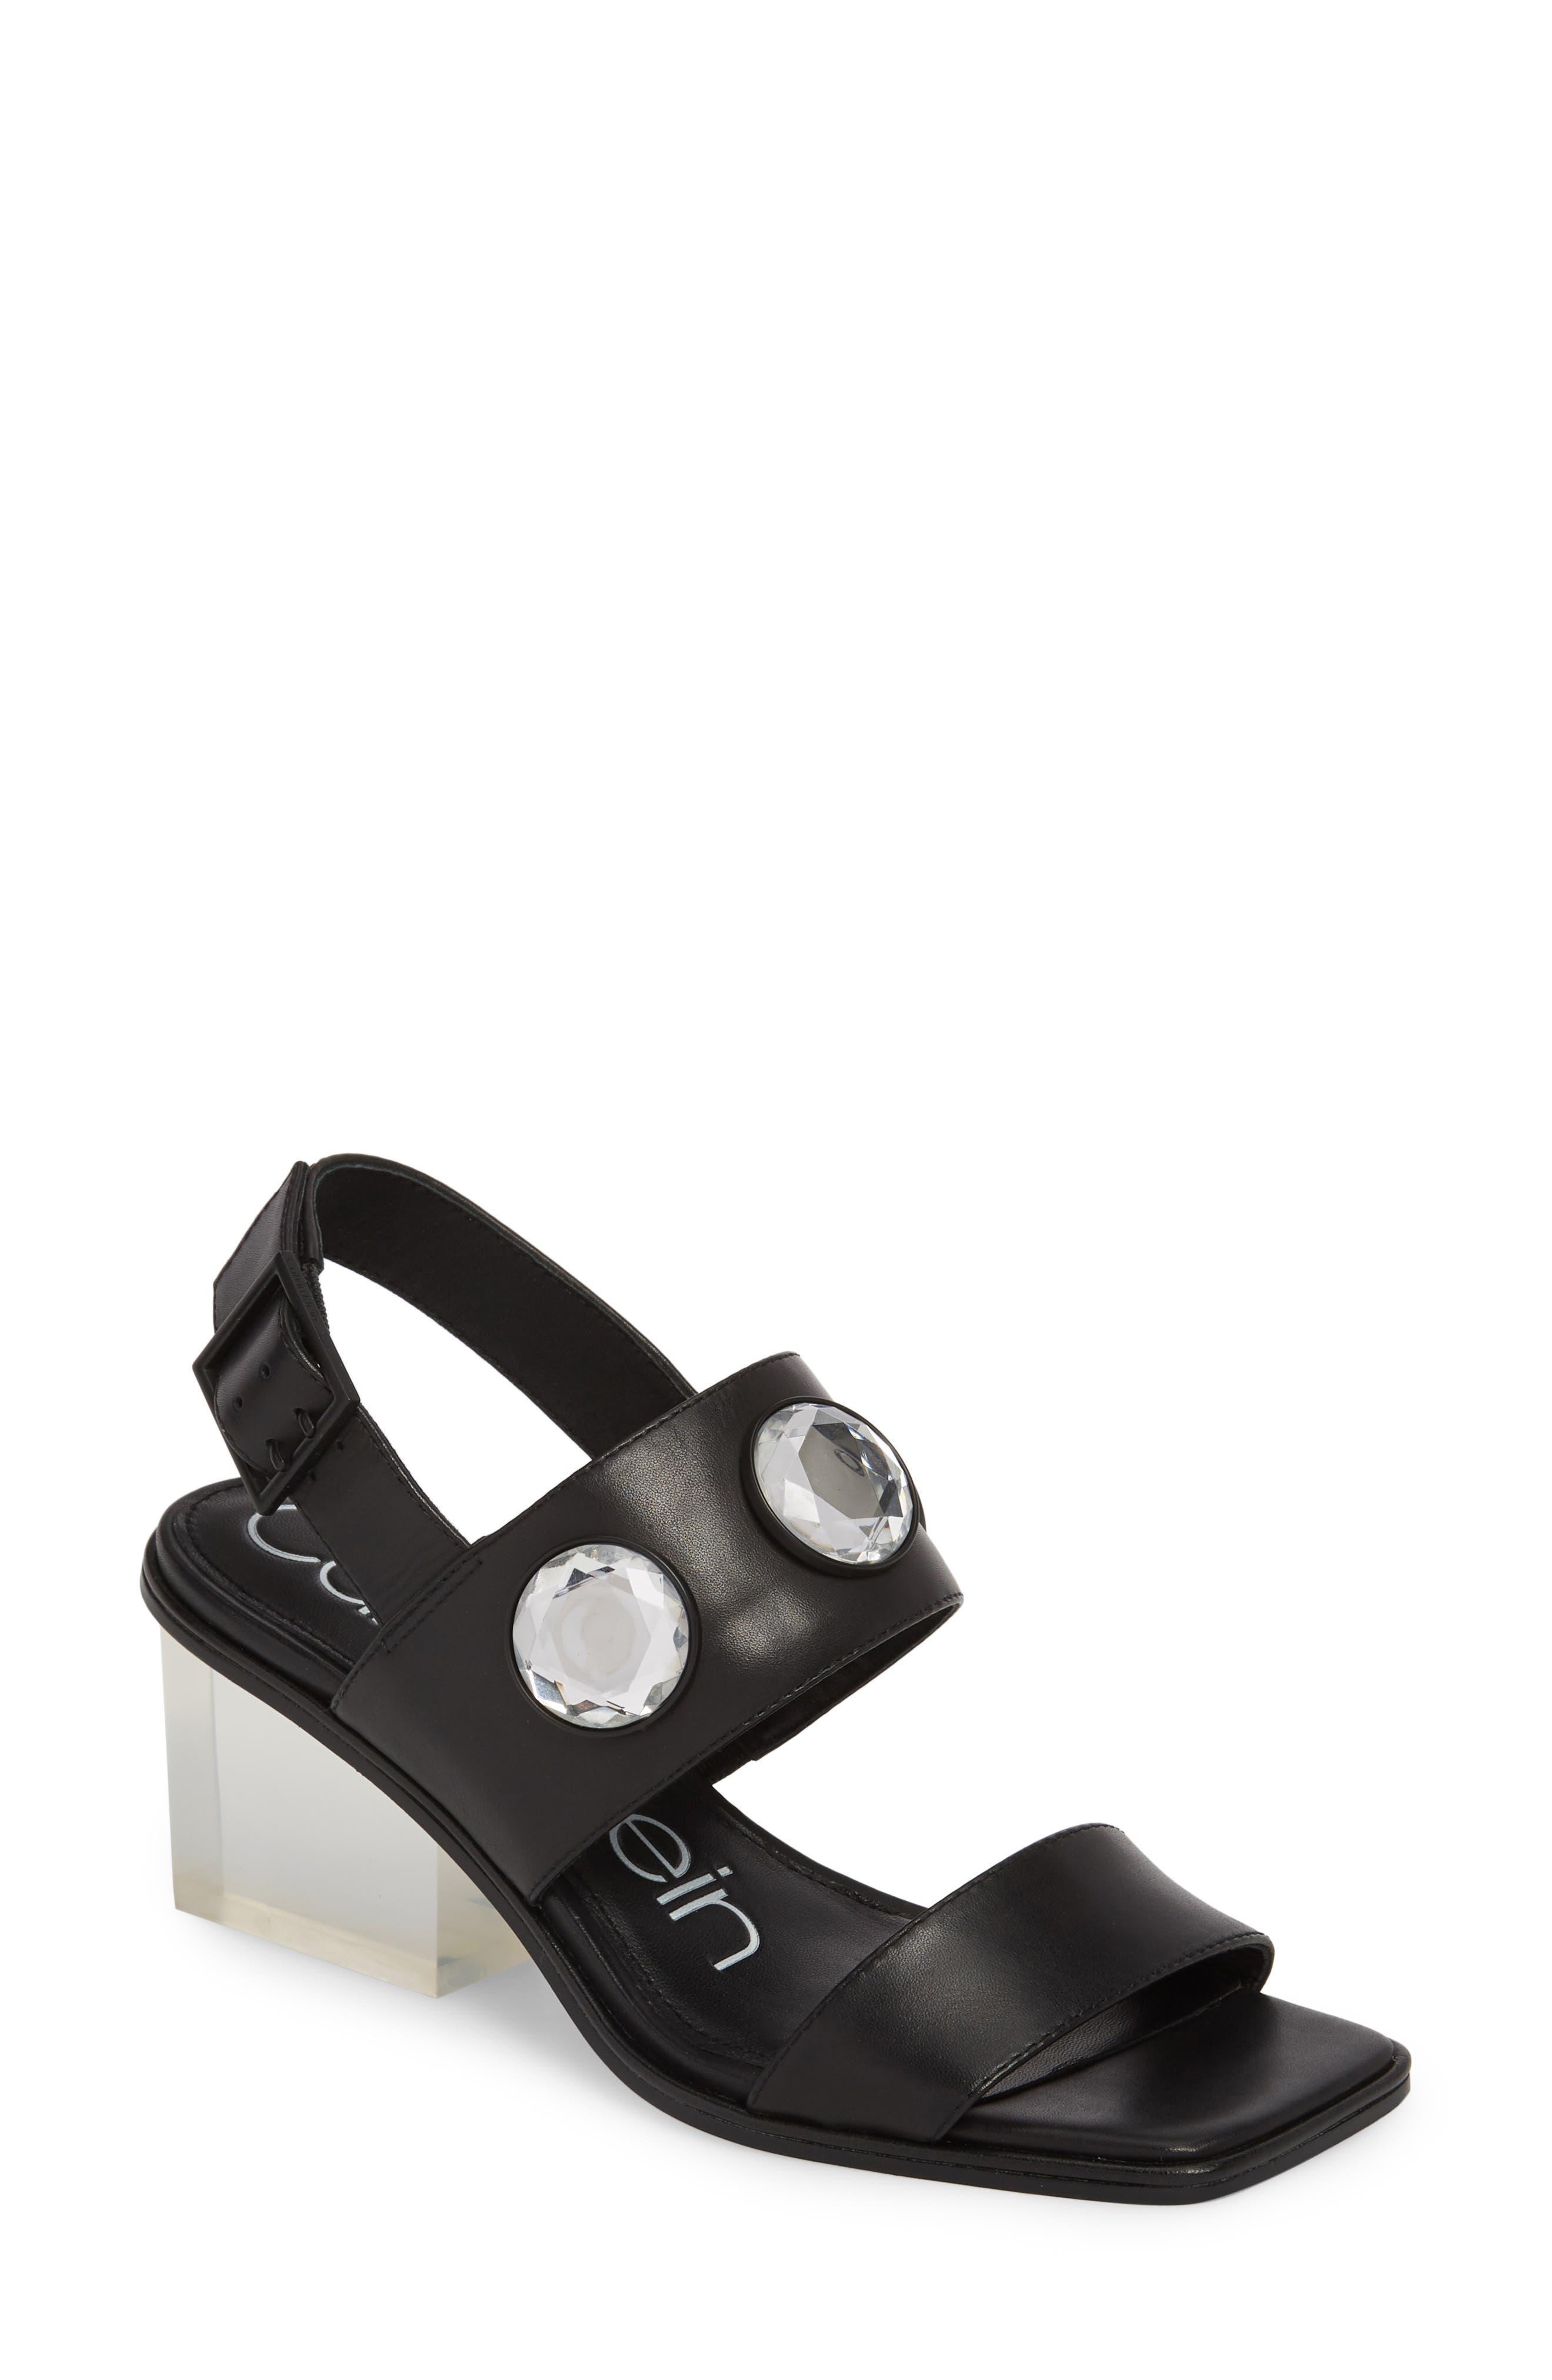 Kadyn Slingback Sandal,                         Main,                         color, 001